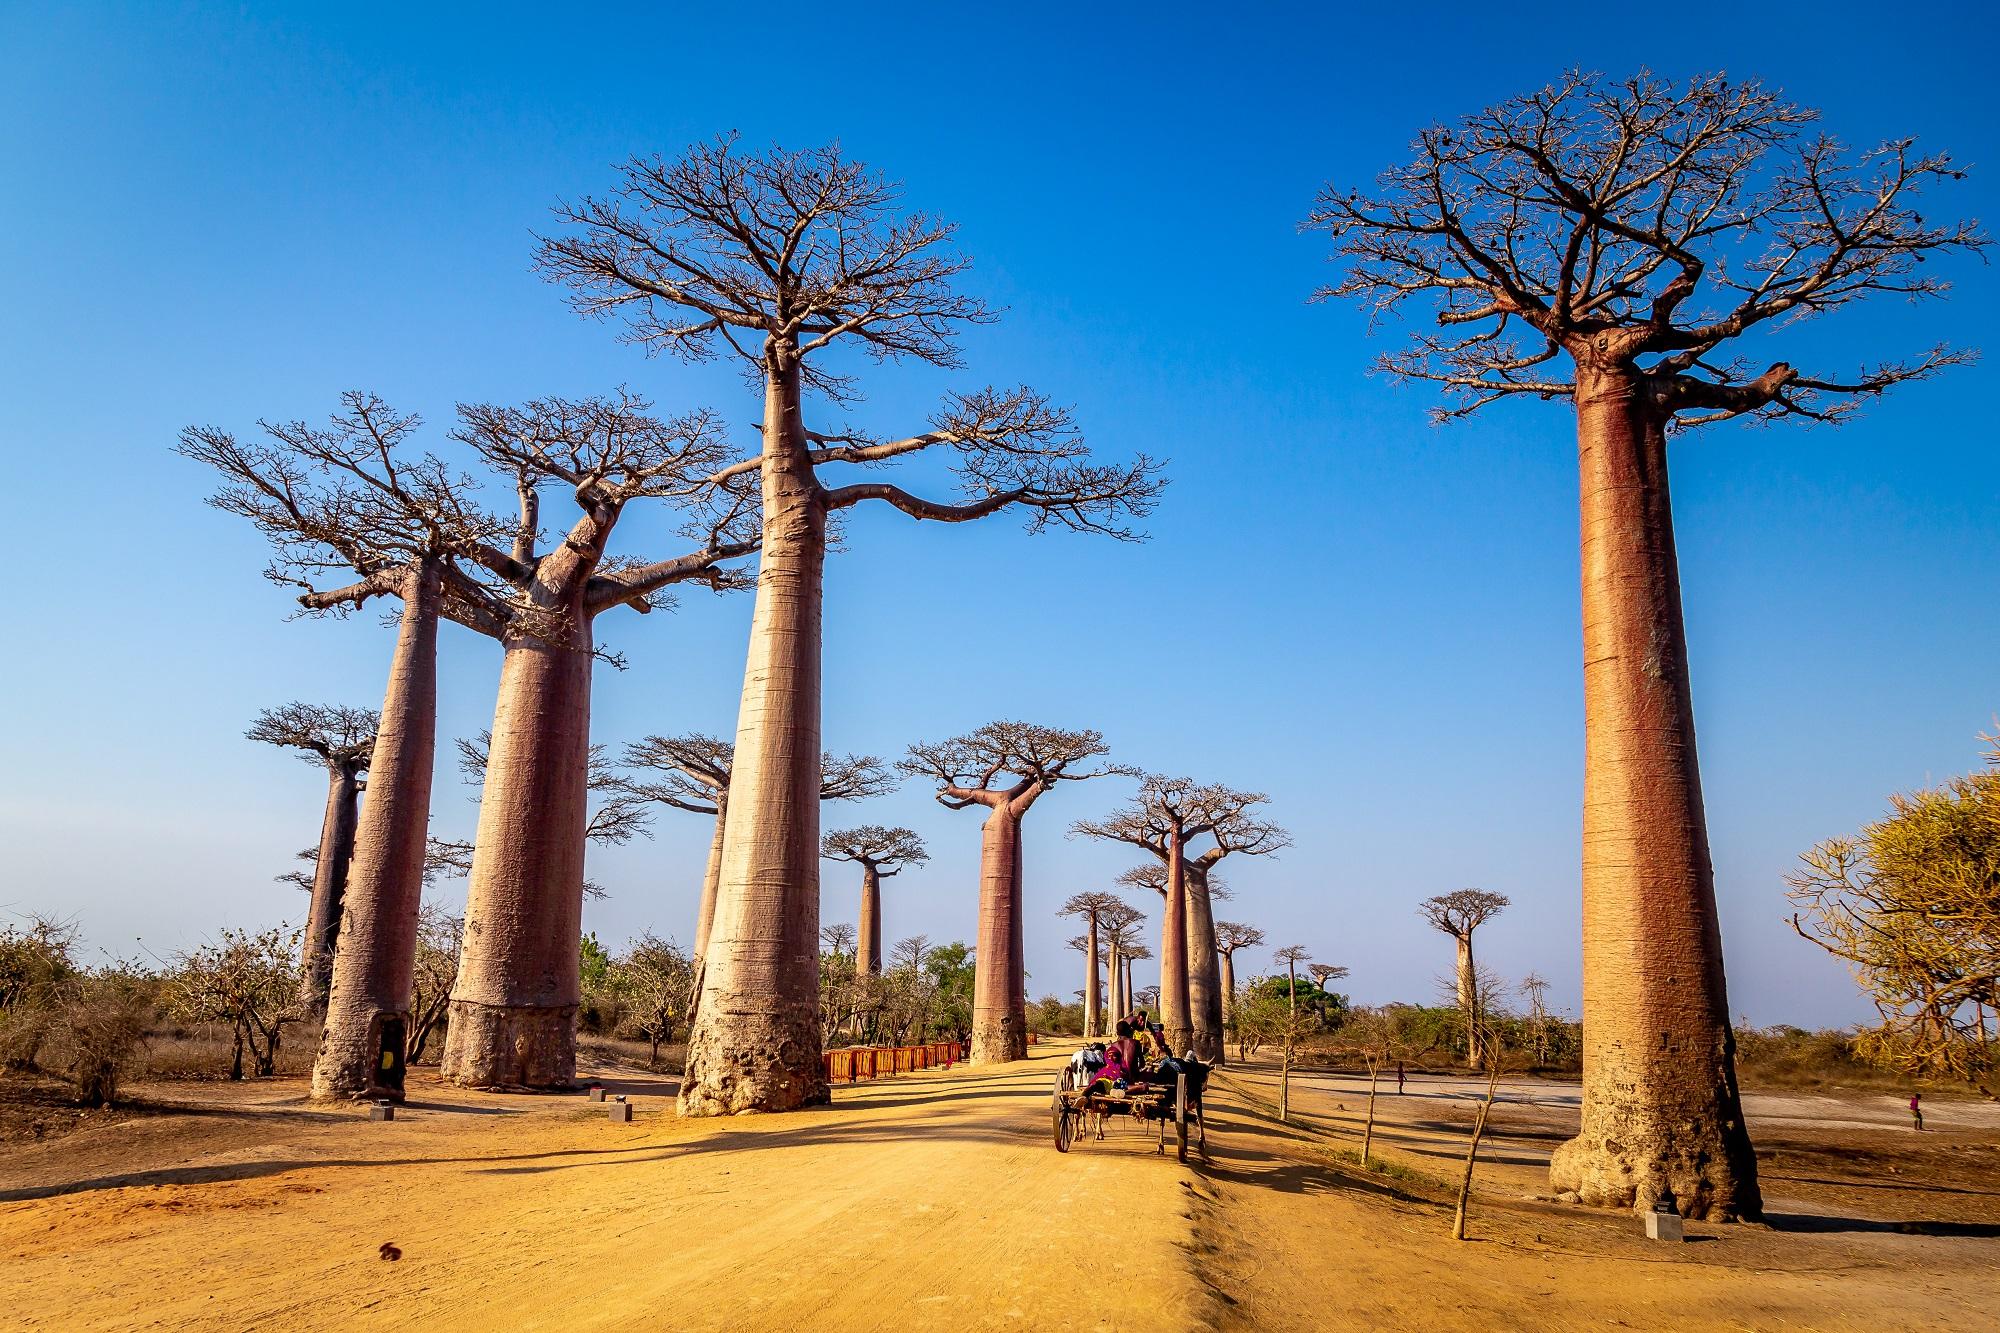 Voyage à Madagascar, séjours, Circuits et Autotours. Les Comptoirs du Monde, agence de voyage pour individuels et groupes